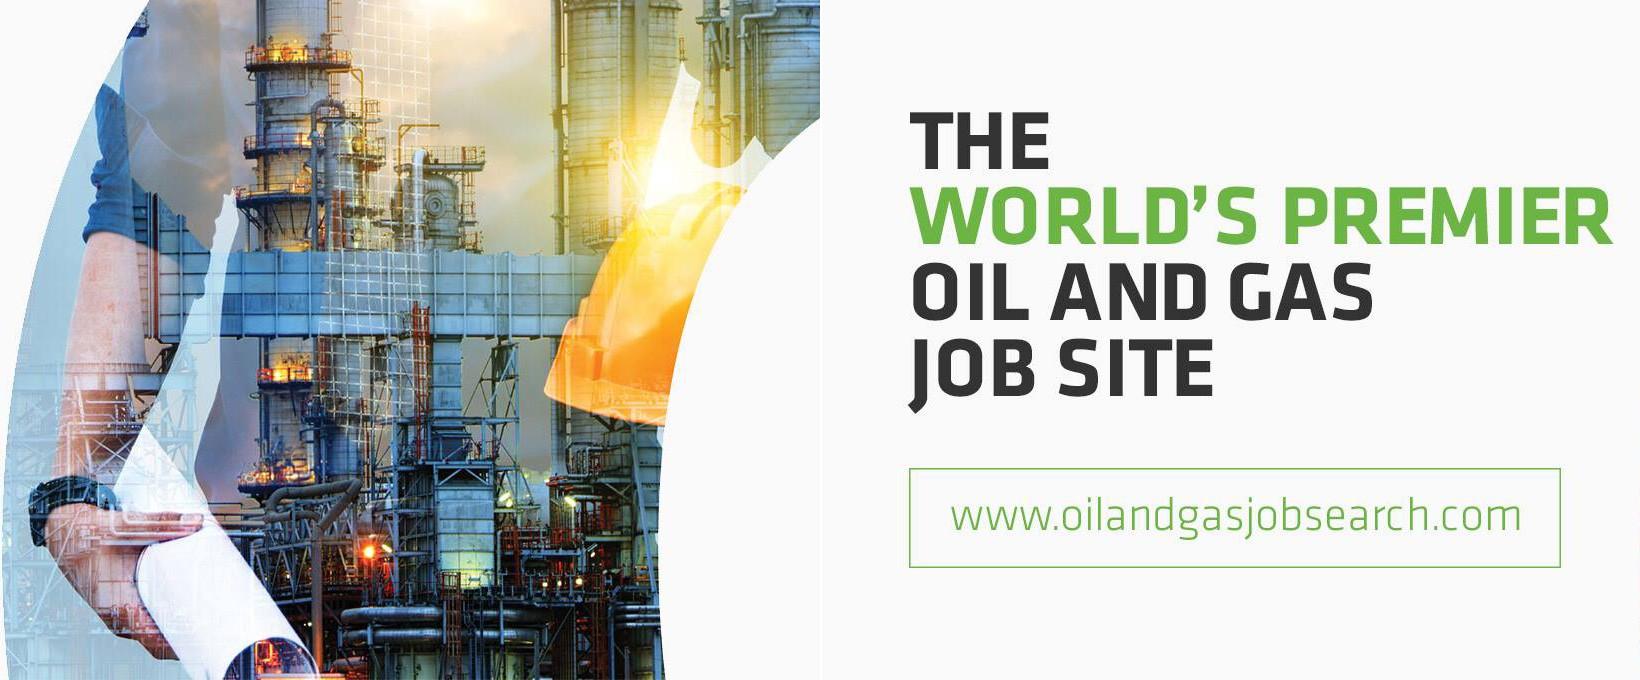 Oil and Gas Job Search Ltd | LinkedIn